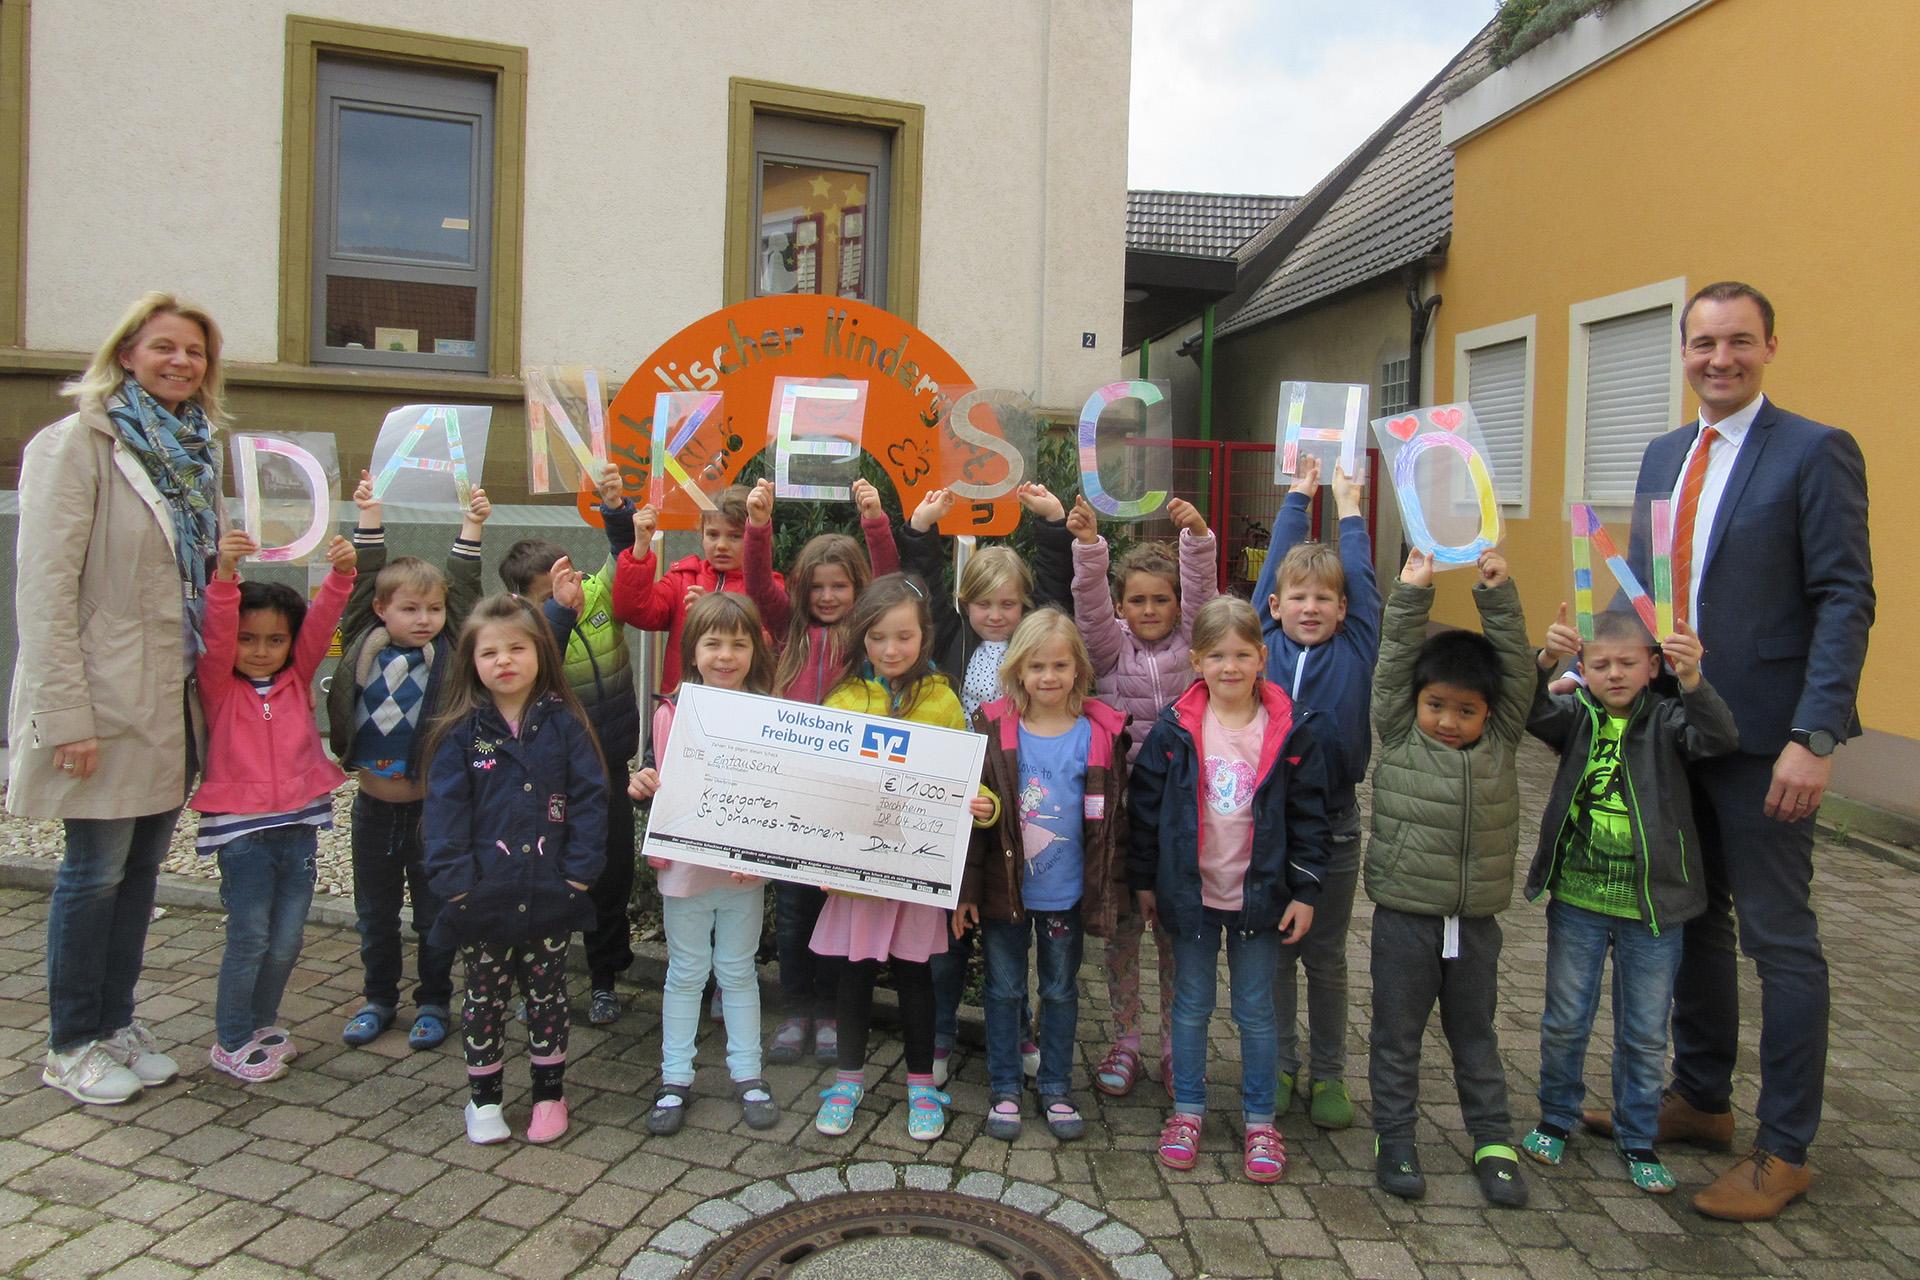 Daniel Mark, Regionalleiter der Volksbank Freiburg übergibt den Scheck an die Kindergartenleiterin Alexandra Nutto und die Schulanfänger des Kindergartens.